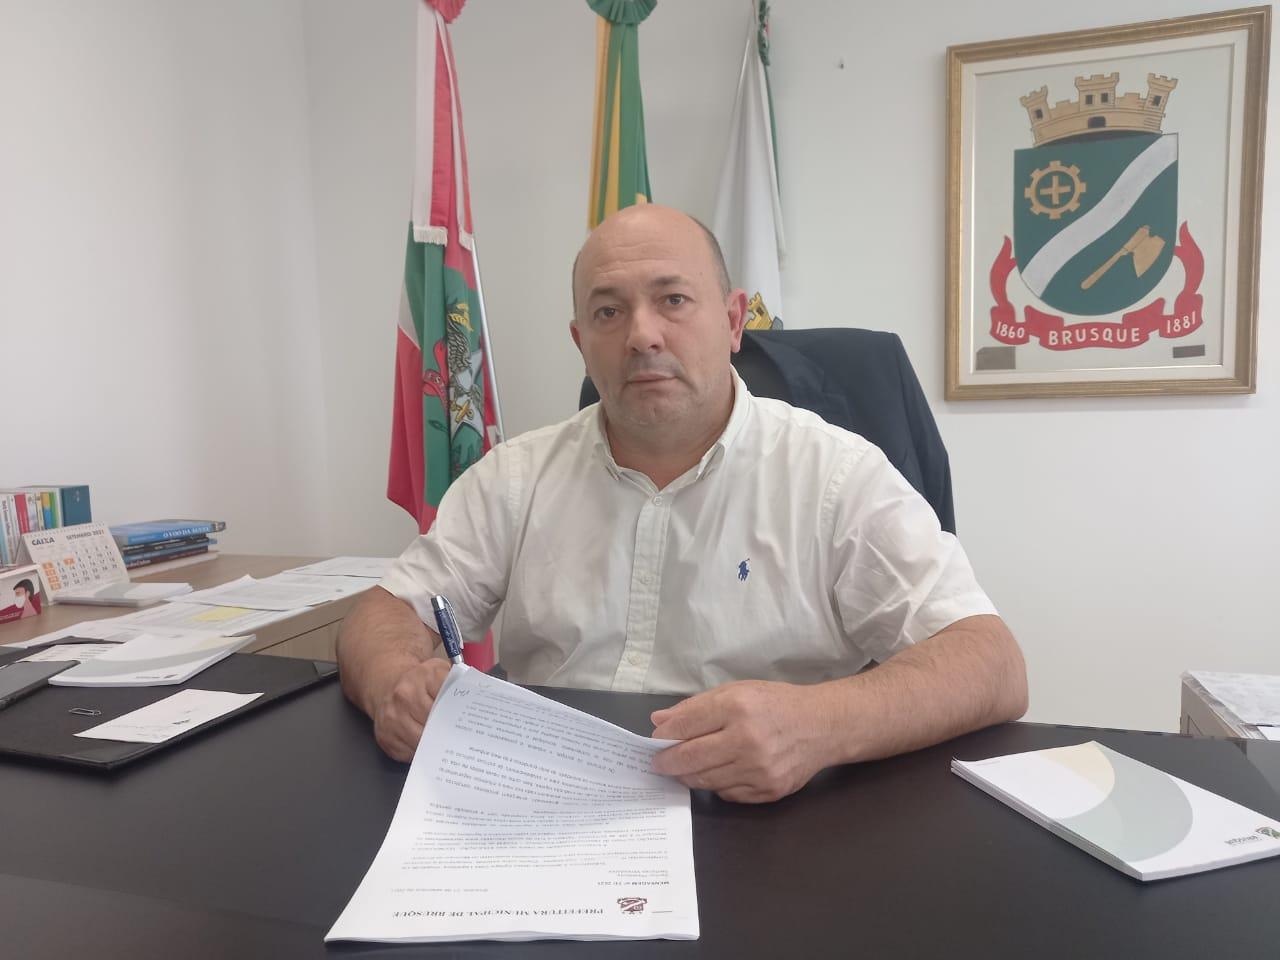 Prefeito encaminha projeto de lei para fomentar a inovação em Brusque